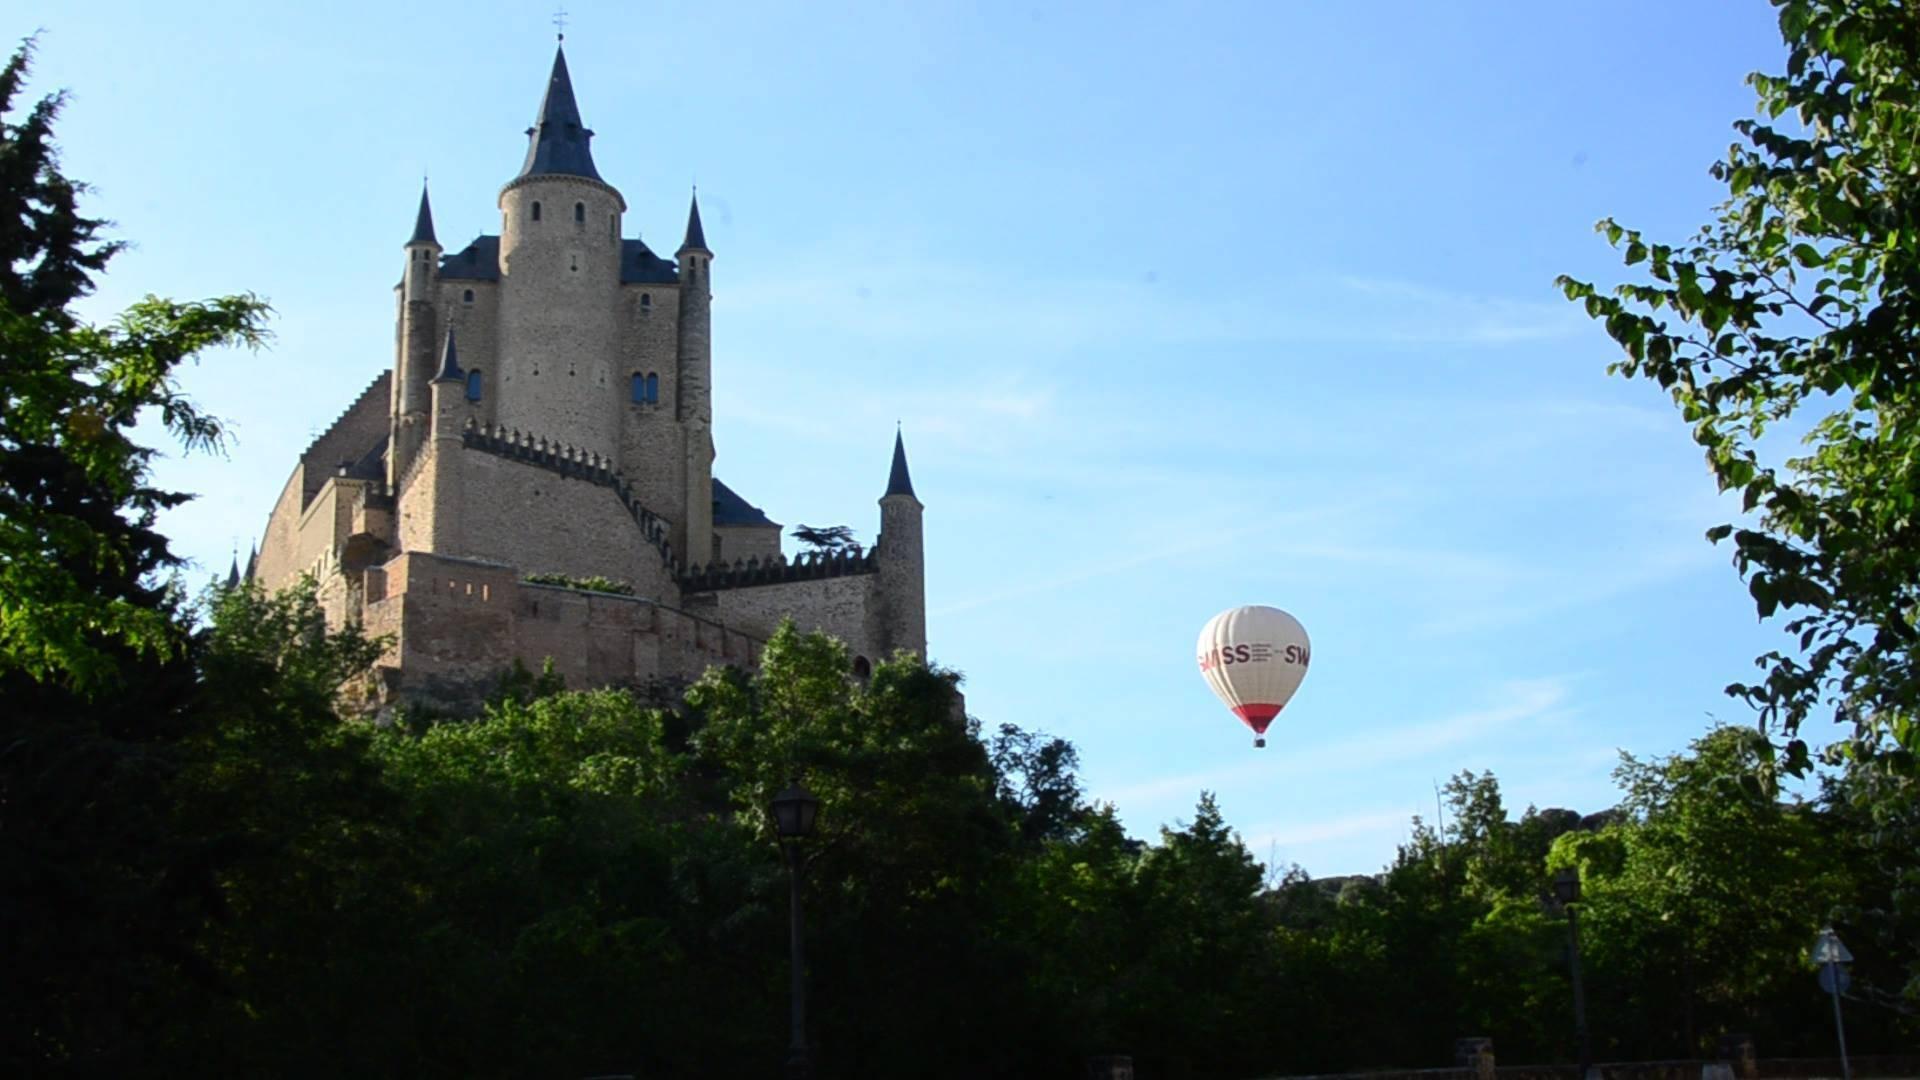 Hay una Segovia que solo podrás conocer desde la barquilla de un globo aerostático